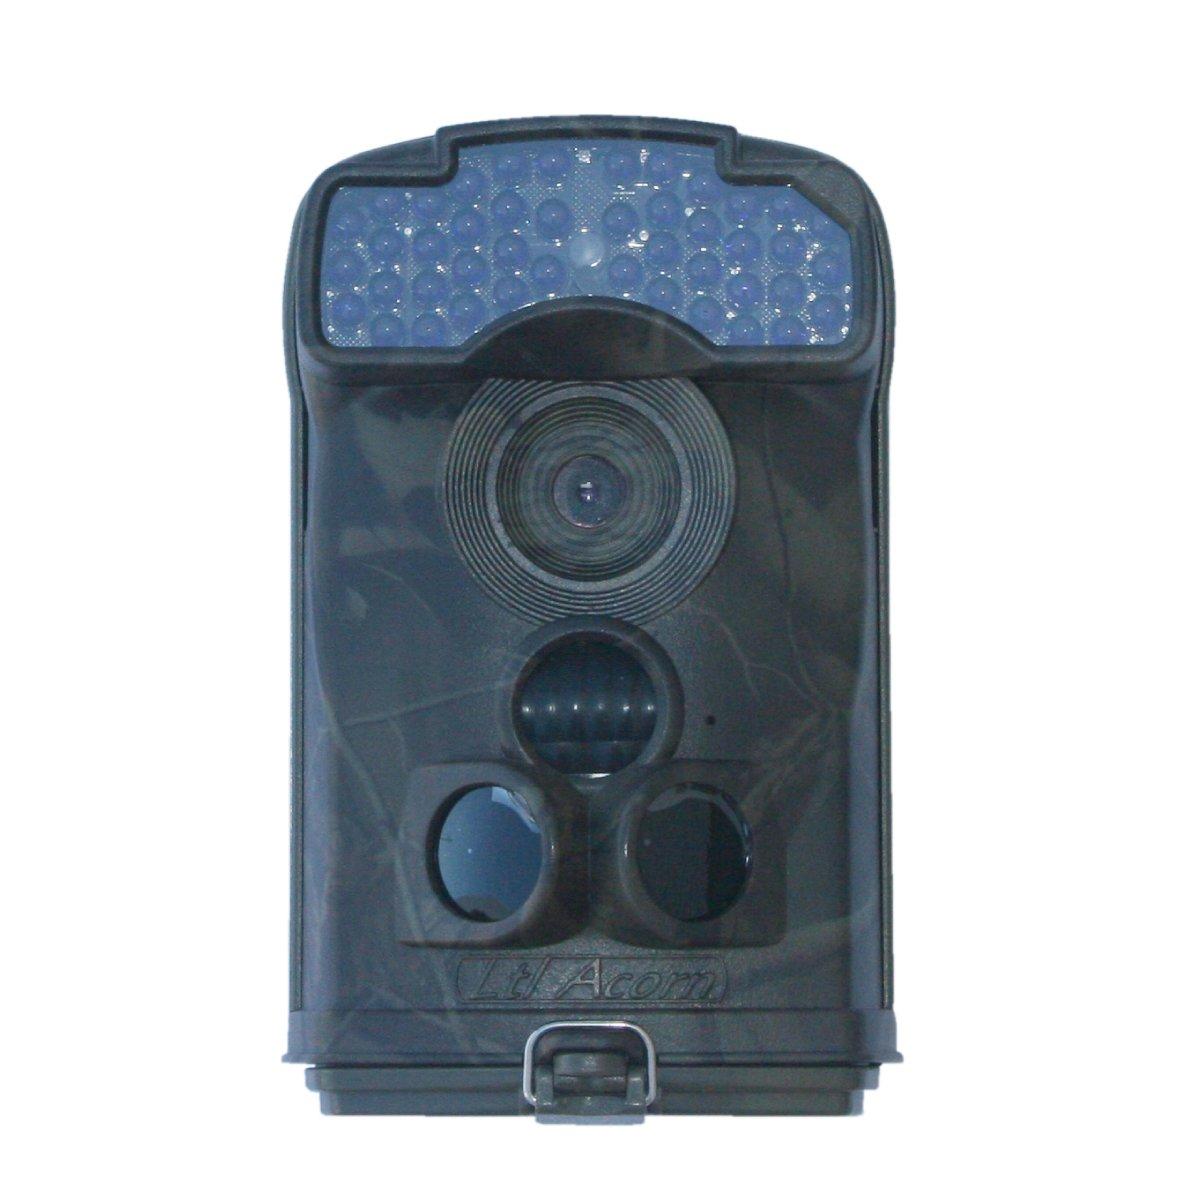 【即発送可能】 トレイルカメラ B018TE3226 ノーグロータイプ(Ltl-6310MC/日本語マニュアルSDカード電池付) B018TE3226, 稲敷郡:247ea058 --- arianechie.dominiotemporario.com